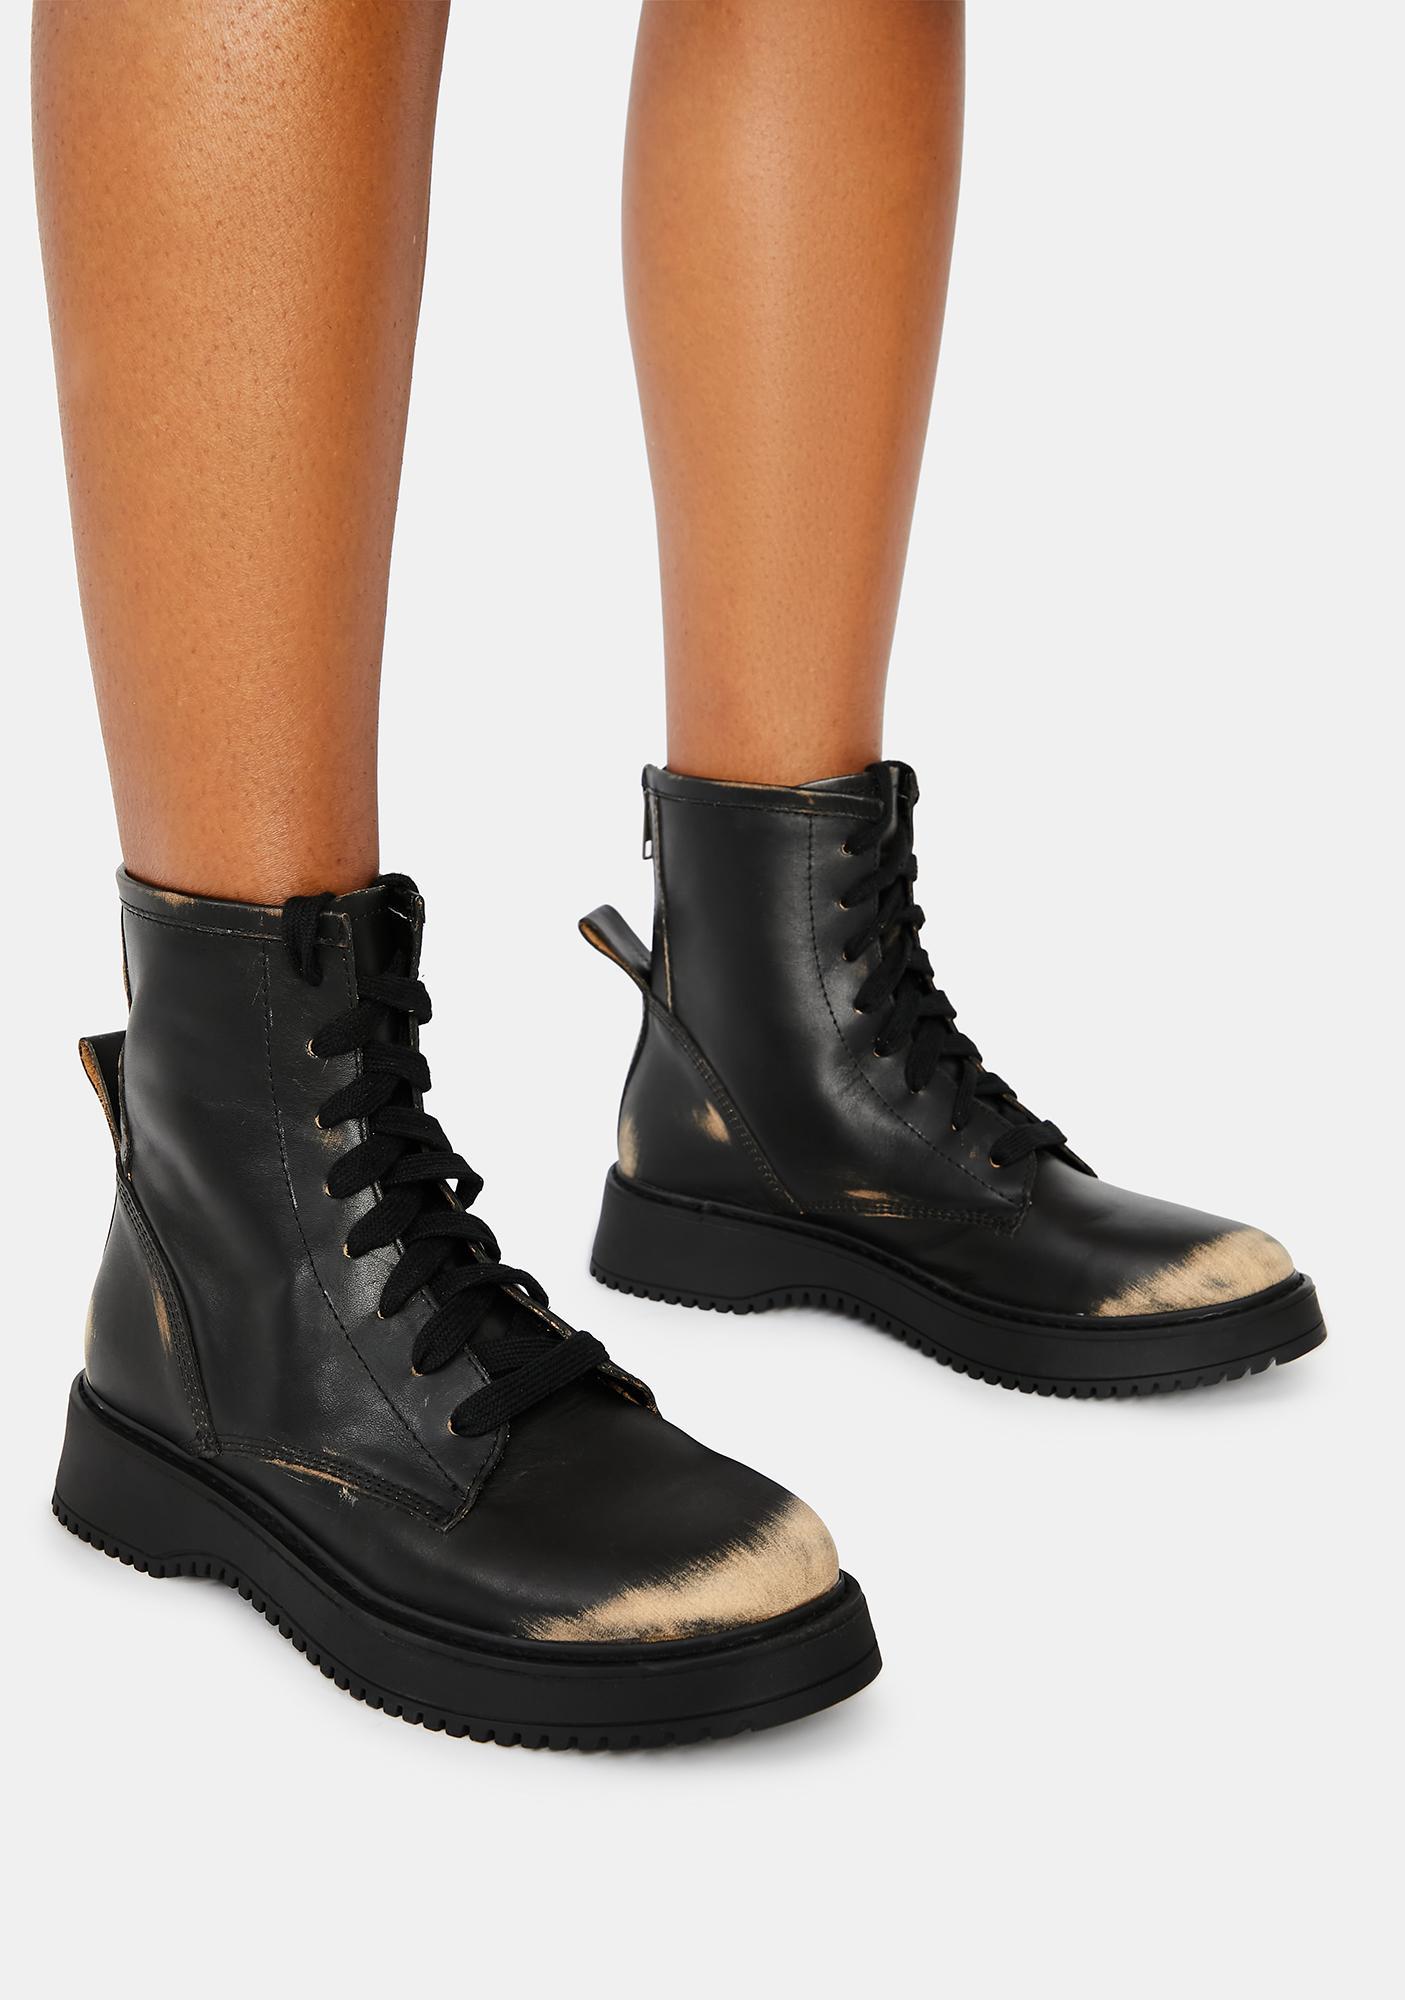 Steve Madden Farley Combat Boots